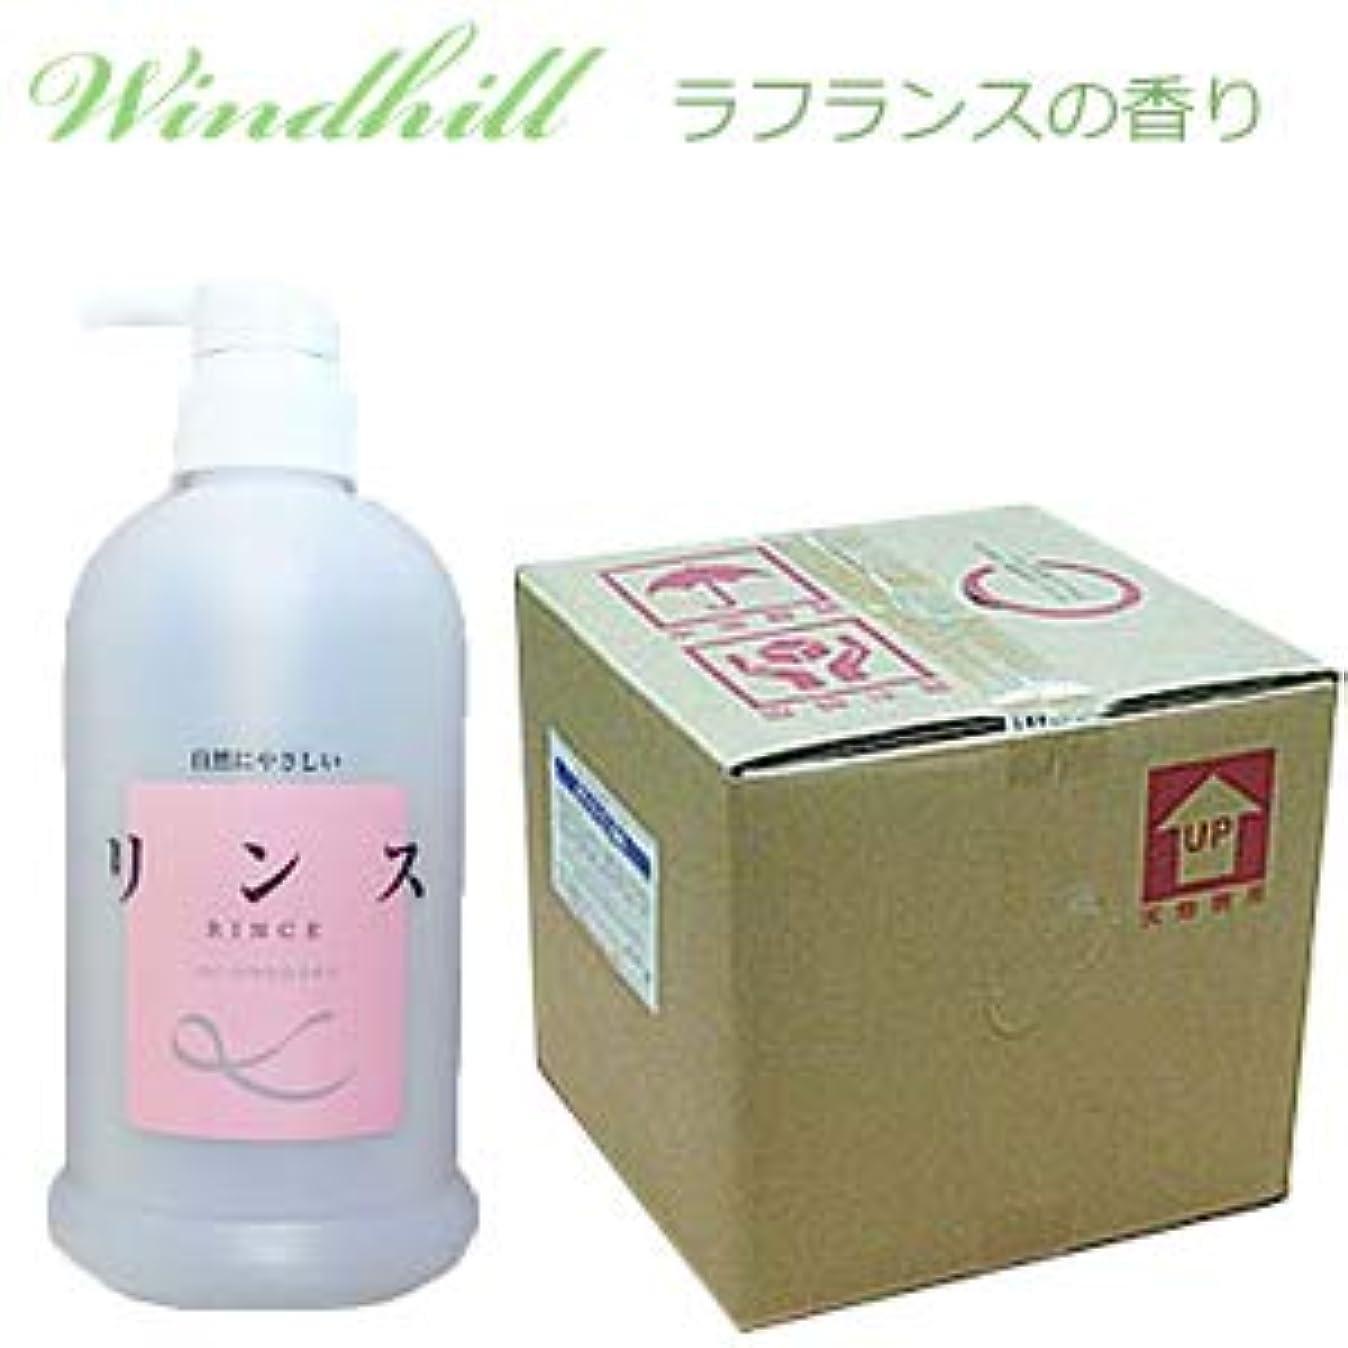 場合バラエティ手のひらなんと! 500ml当り173円 Windhill 植物性 業務用 リンス  爽やかなラフランスの香り 20L